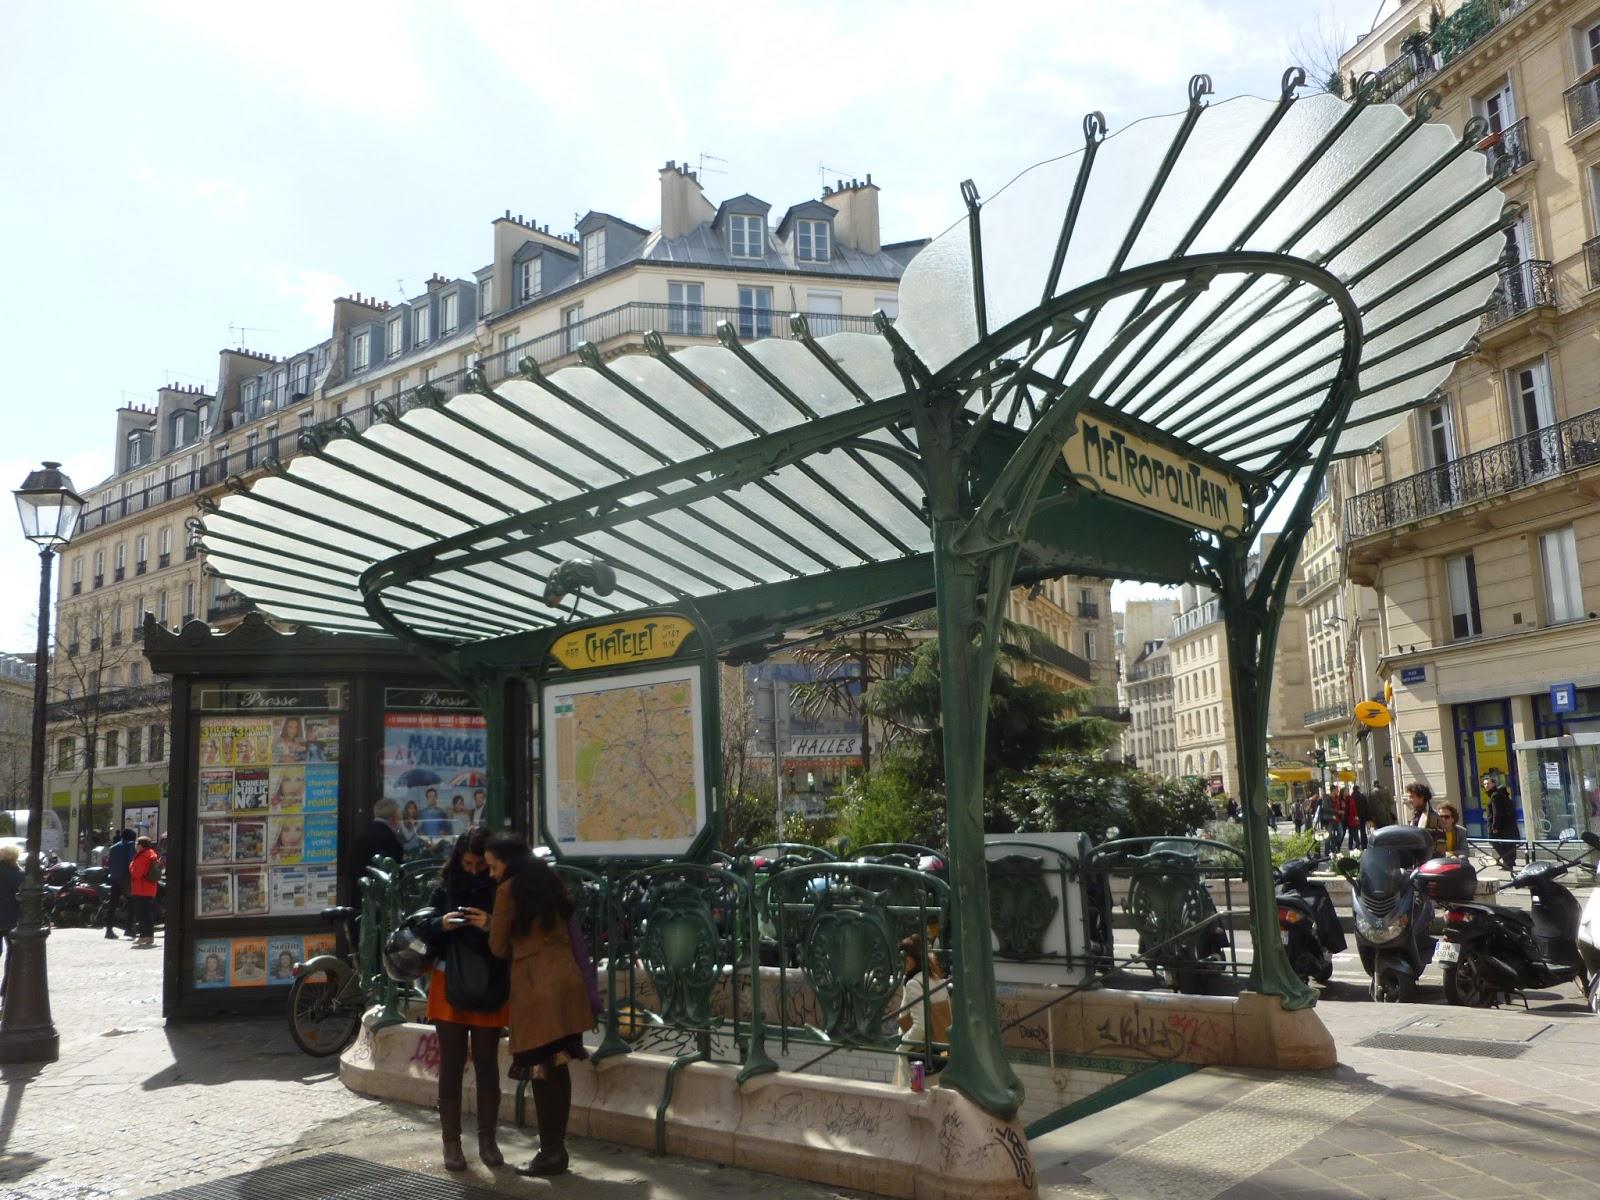 Lối lên xuống ga metro ngầm tại khu vực trung tâm lịch sử TP Paris (CH Pháp)